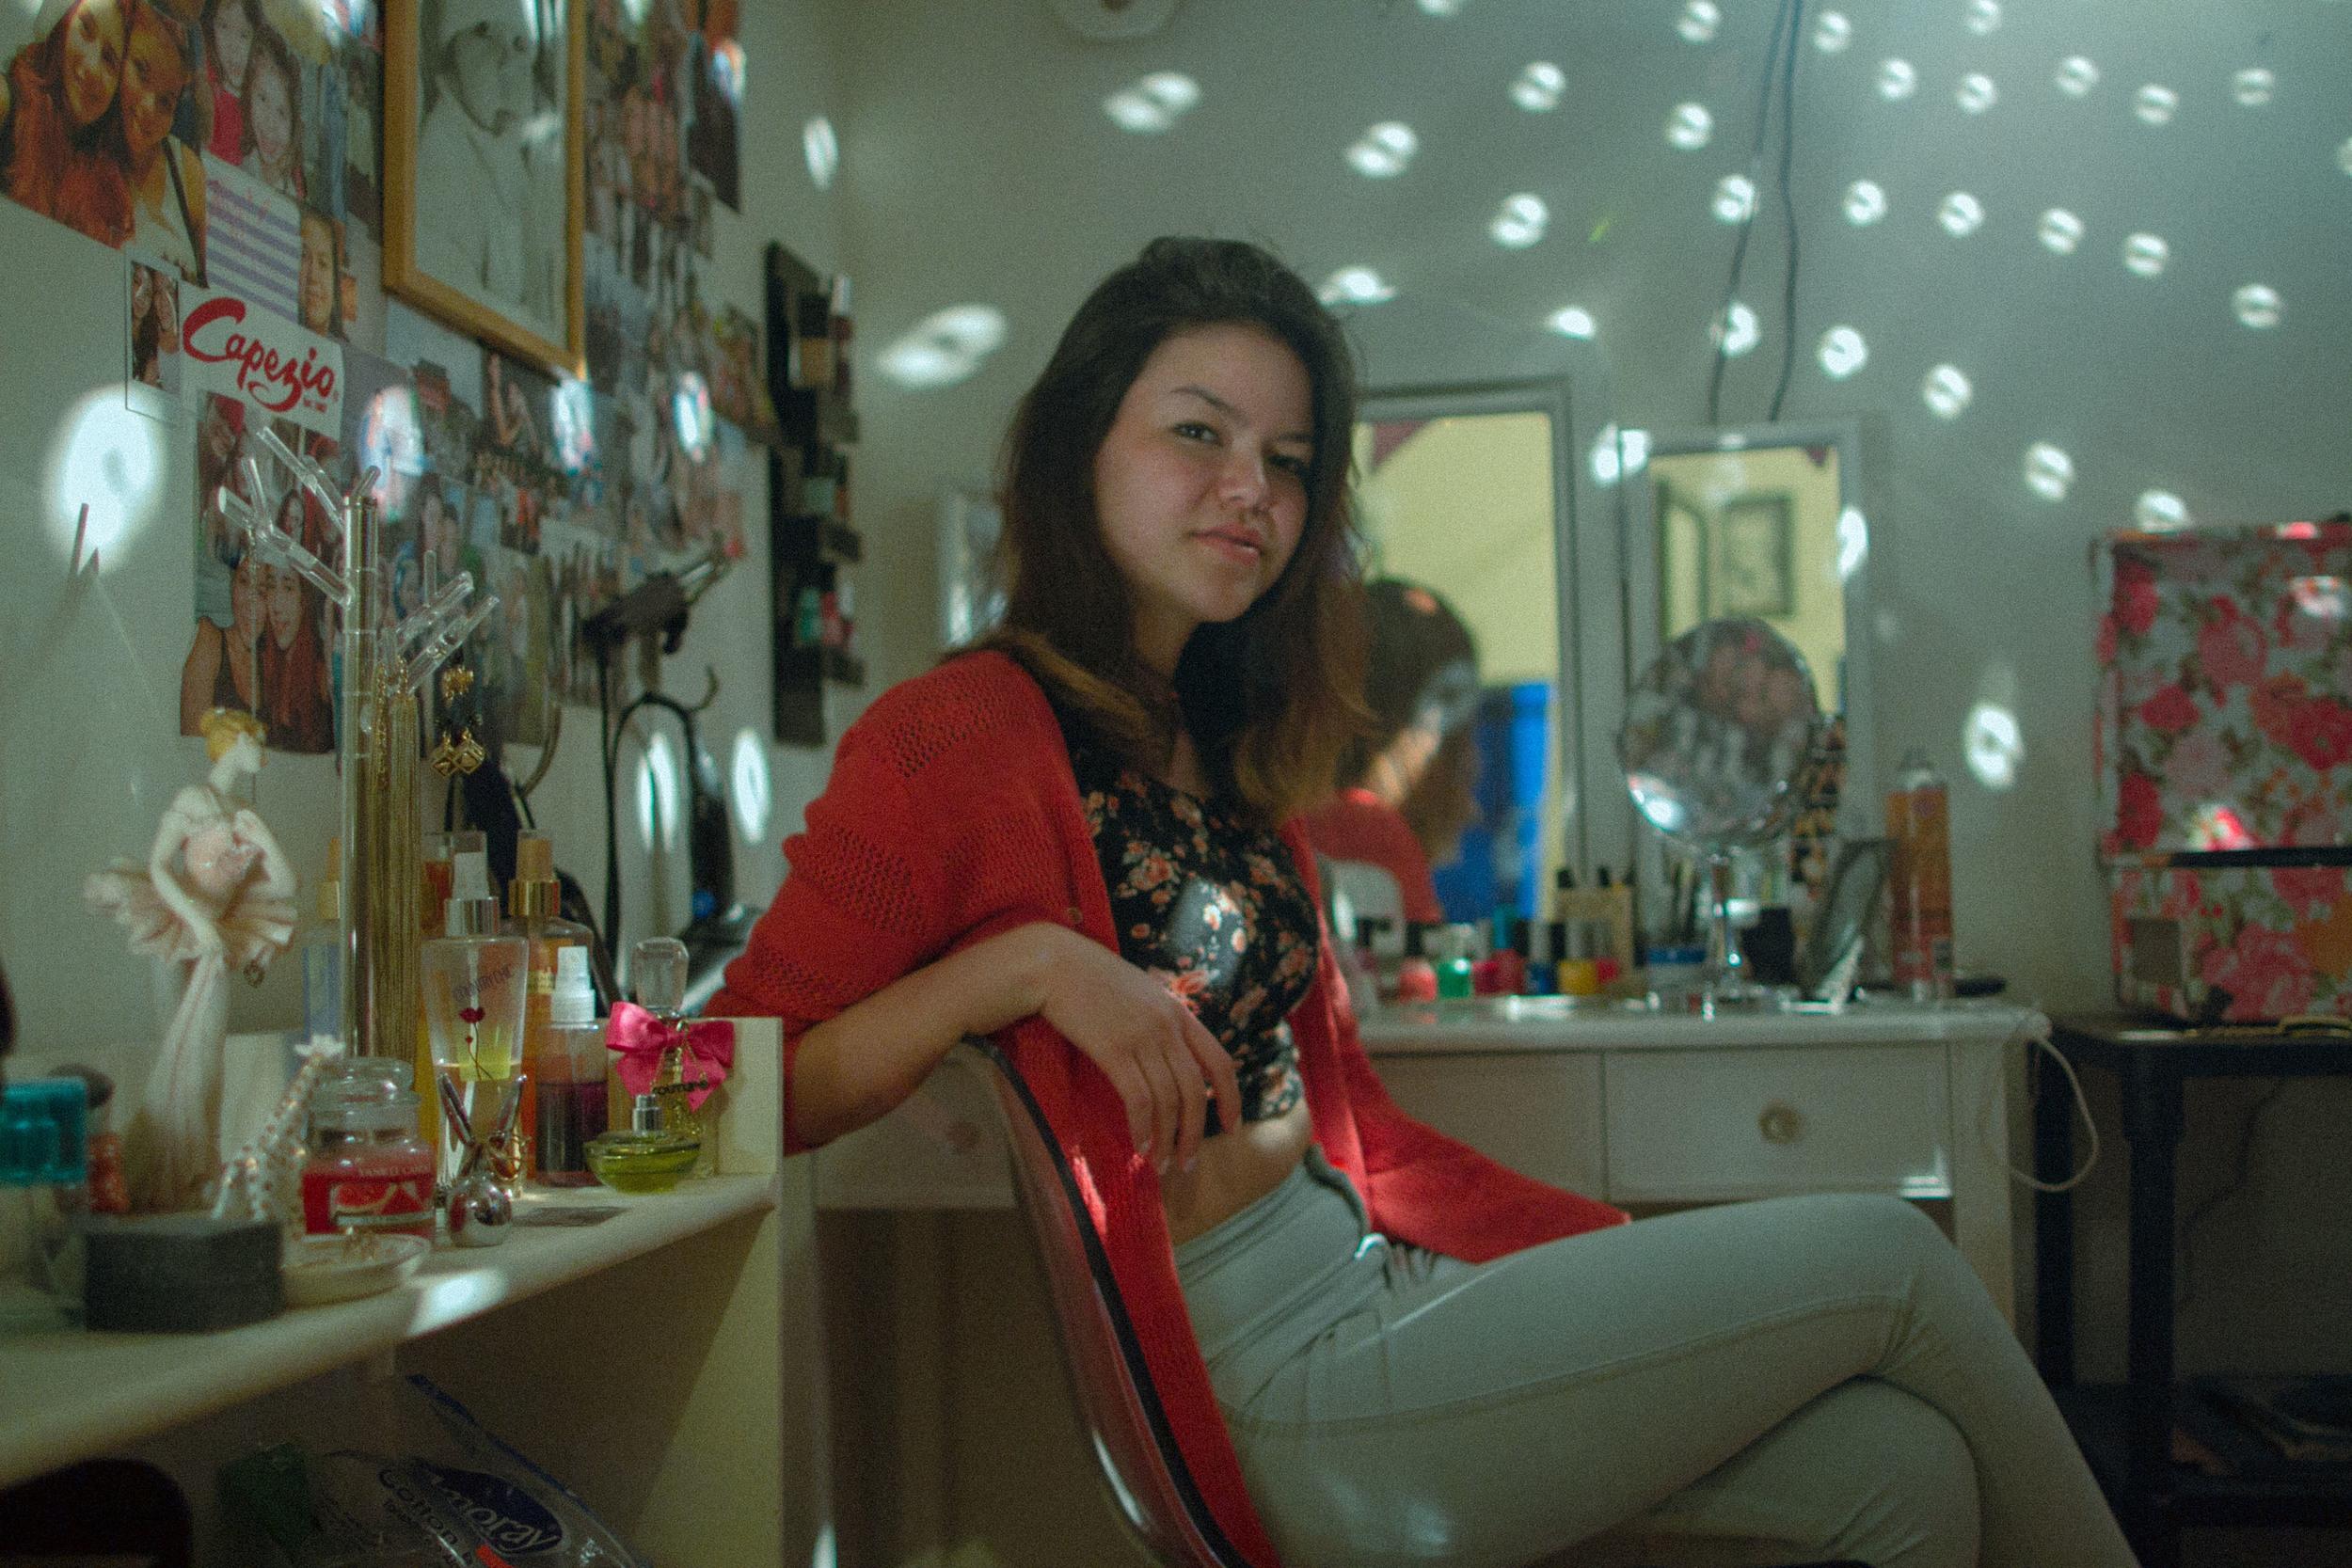 Kana's disco vanity, Brooklyn